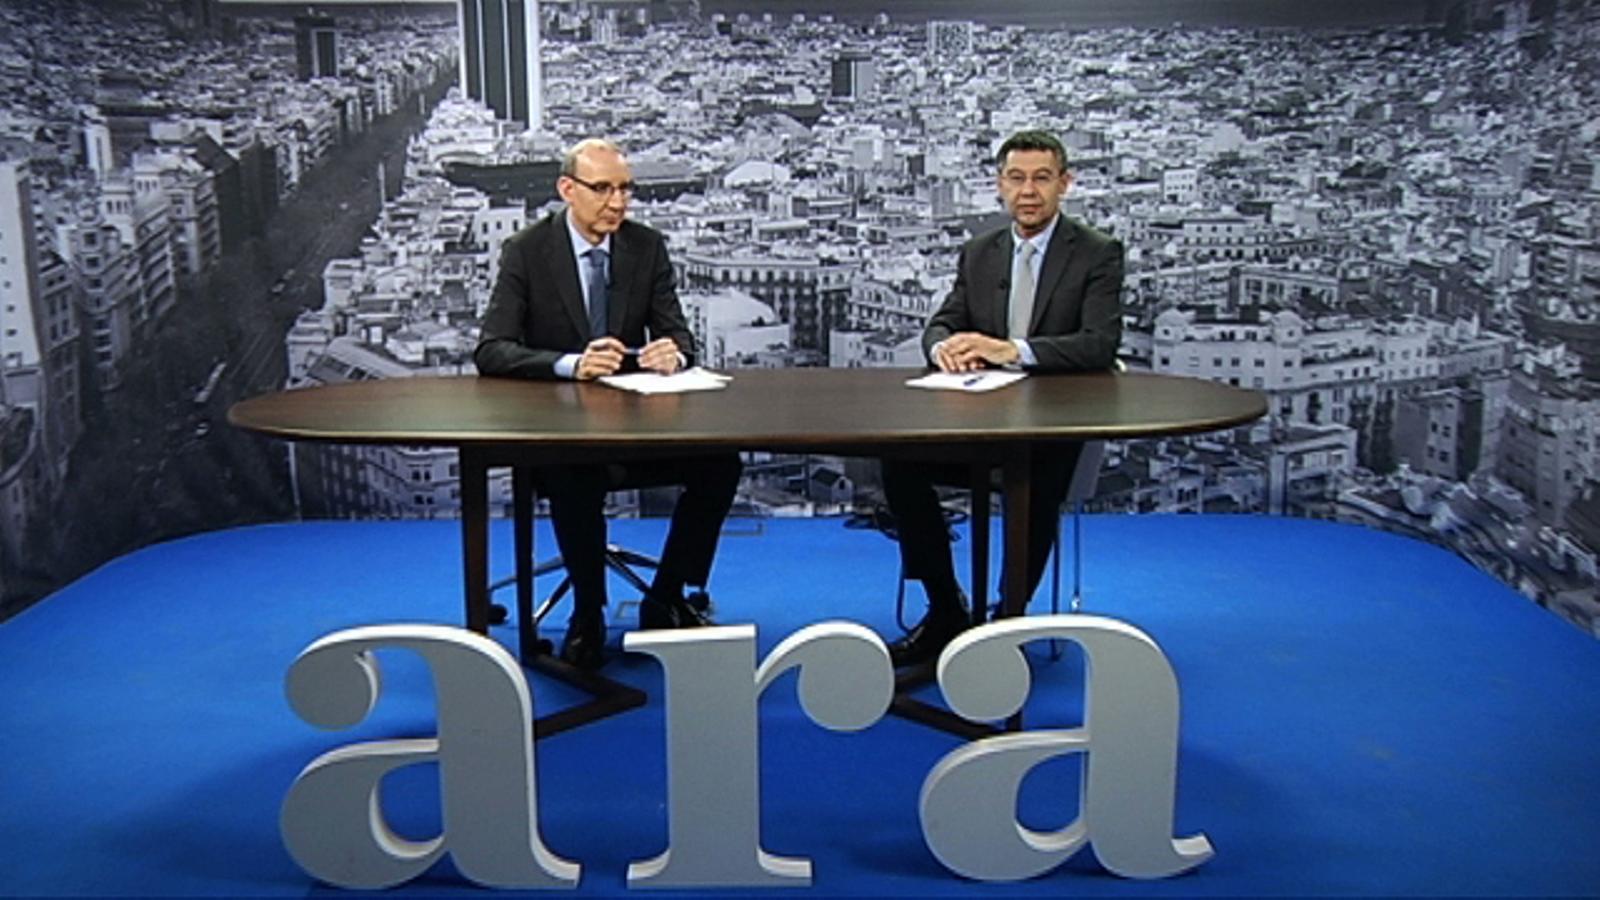 Entrevista d'Antoni Bassas a Josep Maria Bartomeu: Hem de posar el Camp Nou a l'alçada dels grans estadis europeus